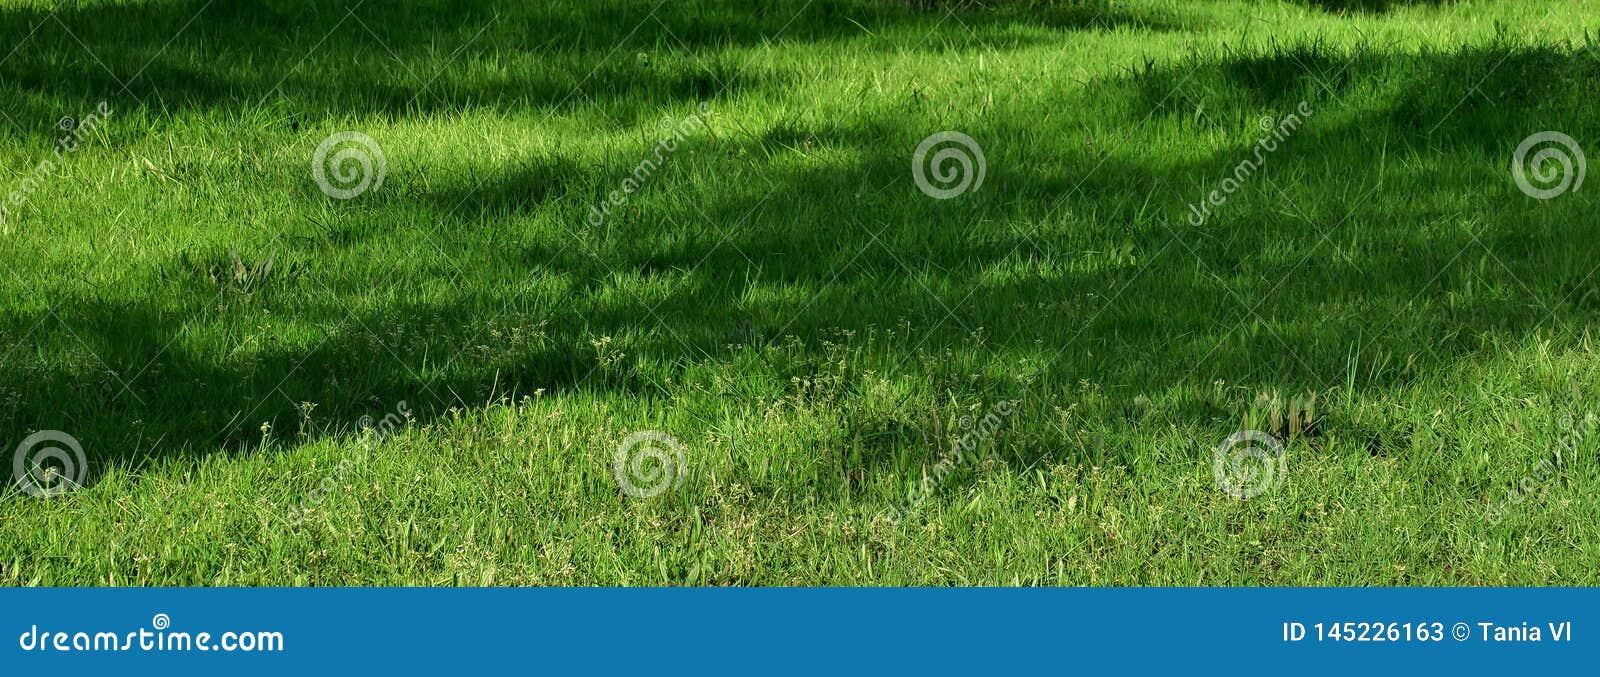 Mooie achtergrond met heldergroen gras op het gazon